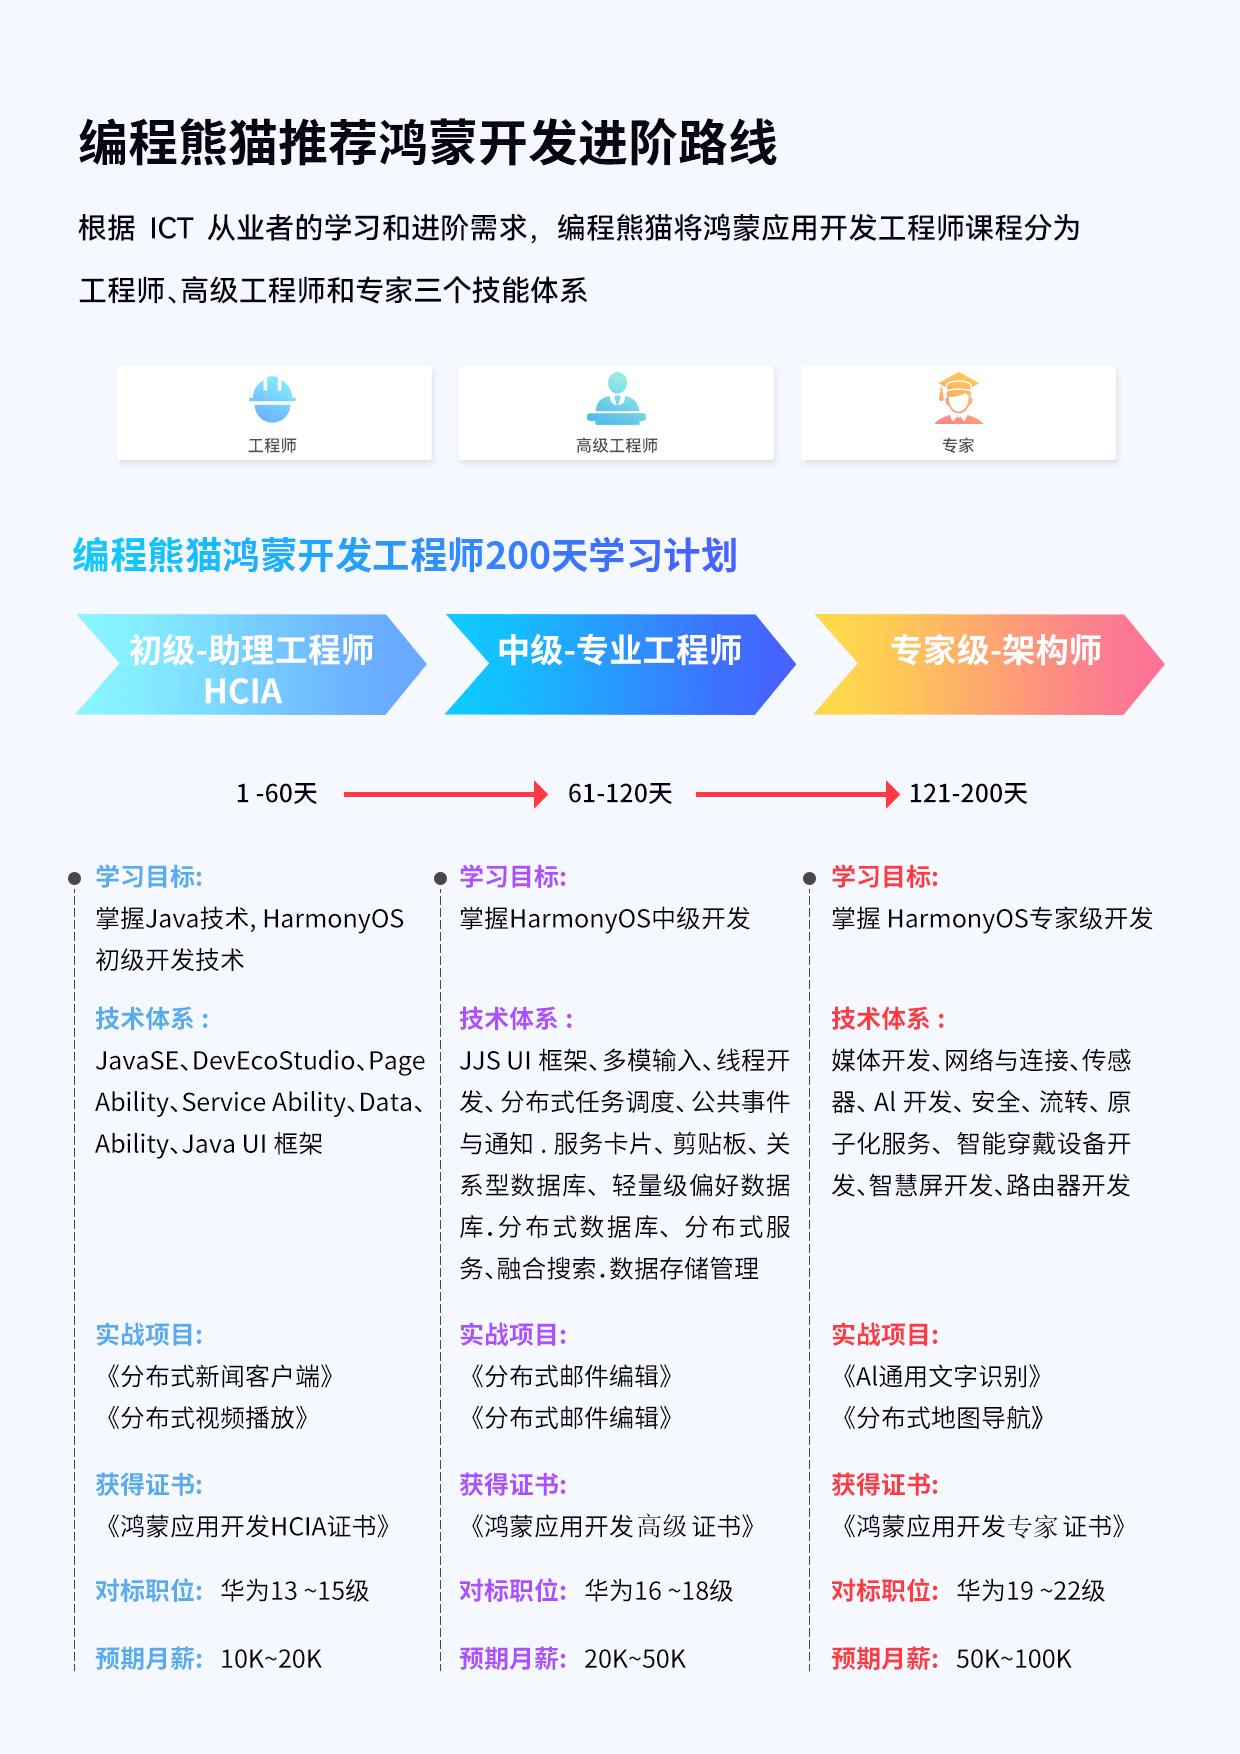 编程熊猫推荐鸿蒙开发进阶路线